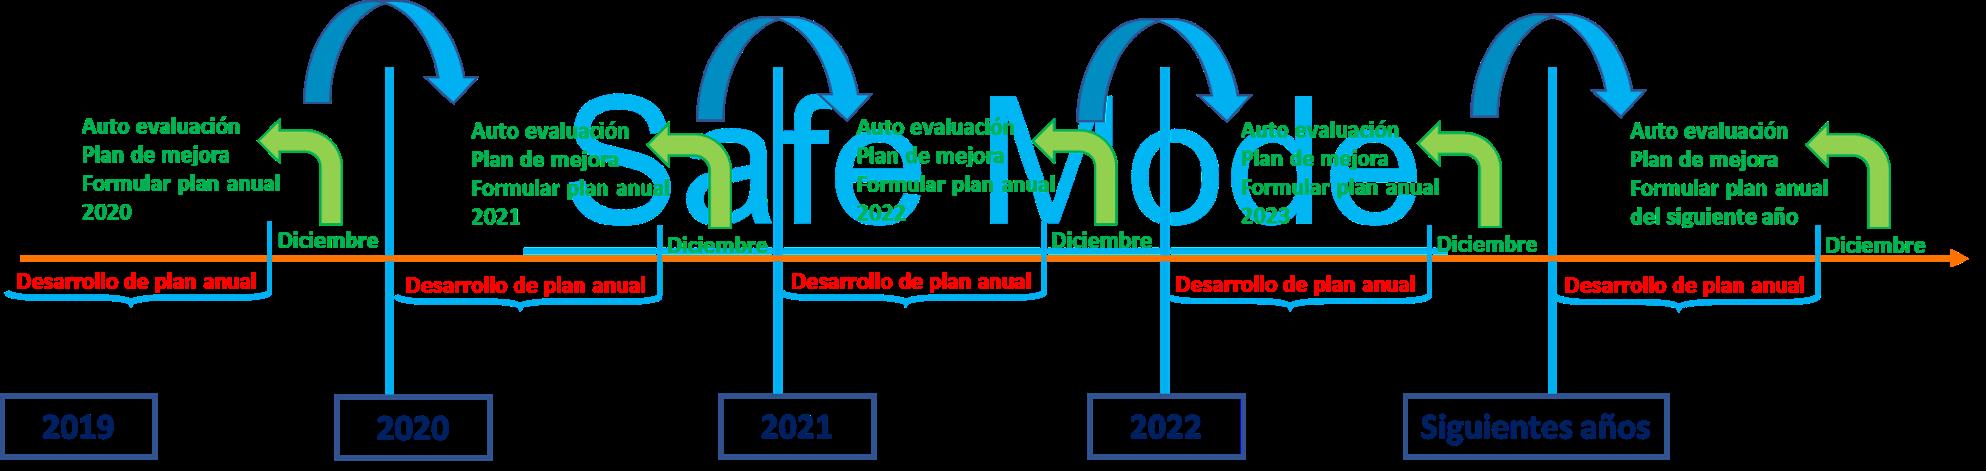 Esto se debe considerar para el SGSST de los años 2020, 2021, 2022 en adelante